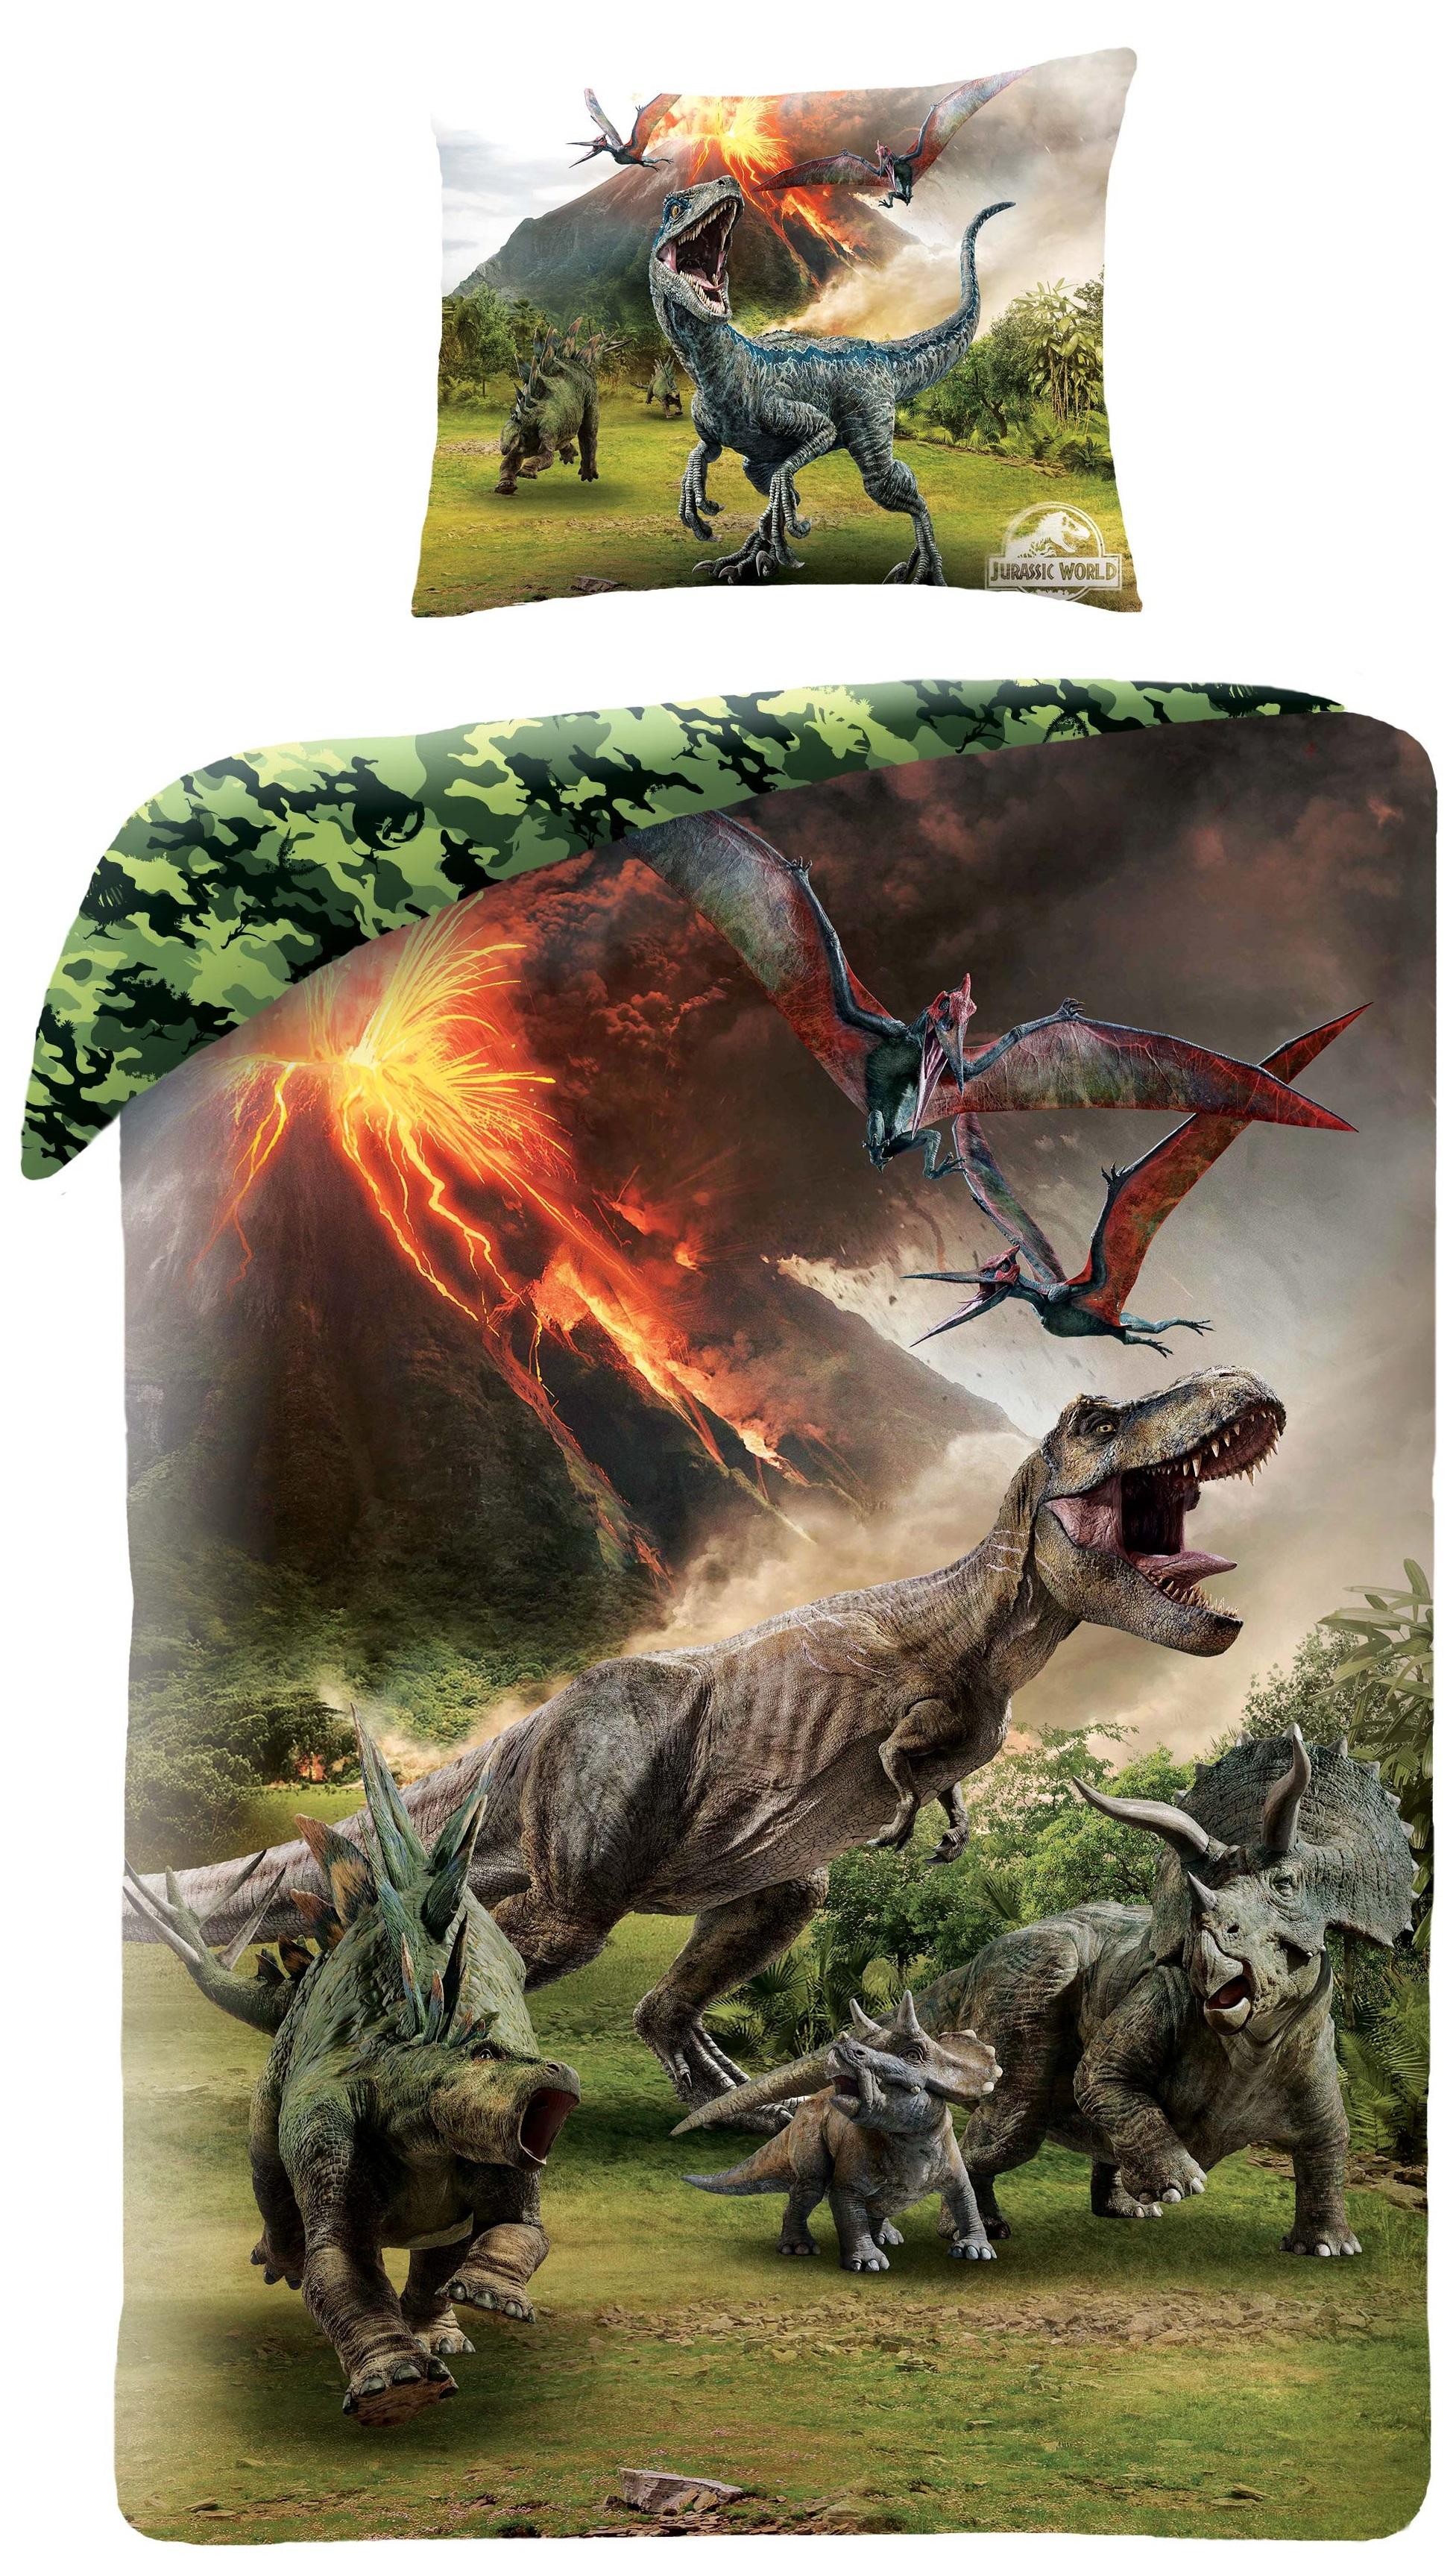 dc1ce1558b5 Jurassic World Dinosauar Sengetøj 2i1 Design - 100 Procent Bomuld Kr ...